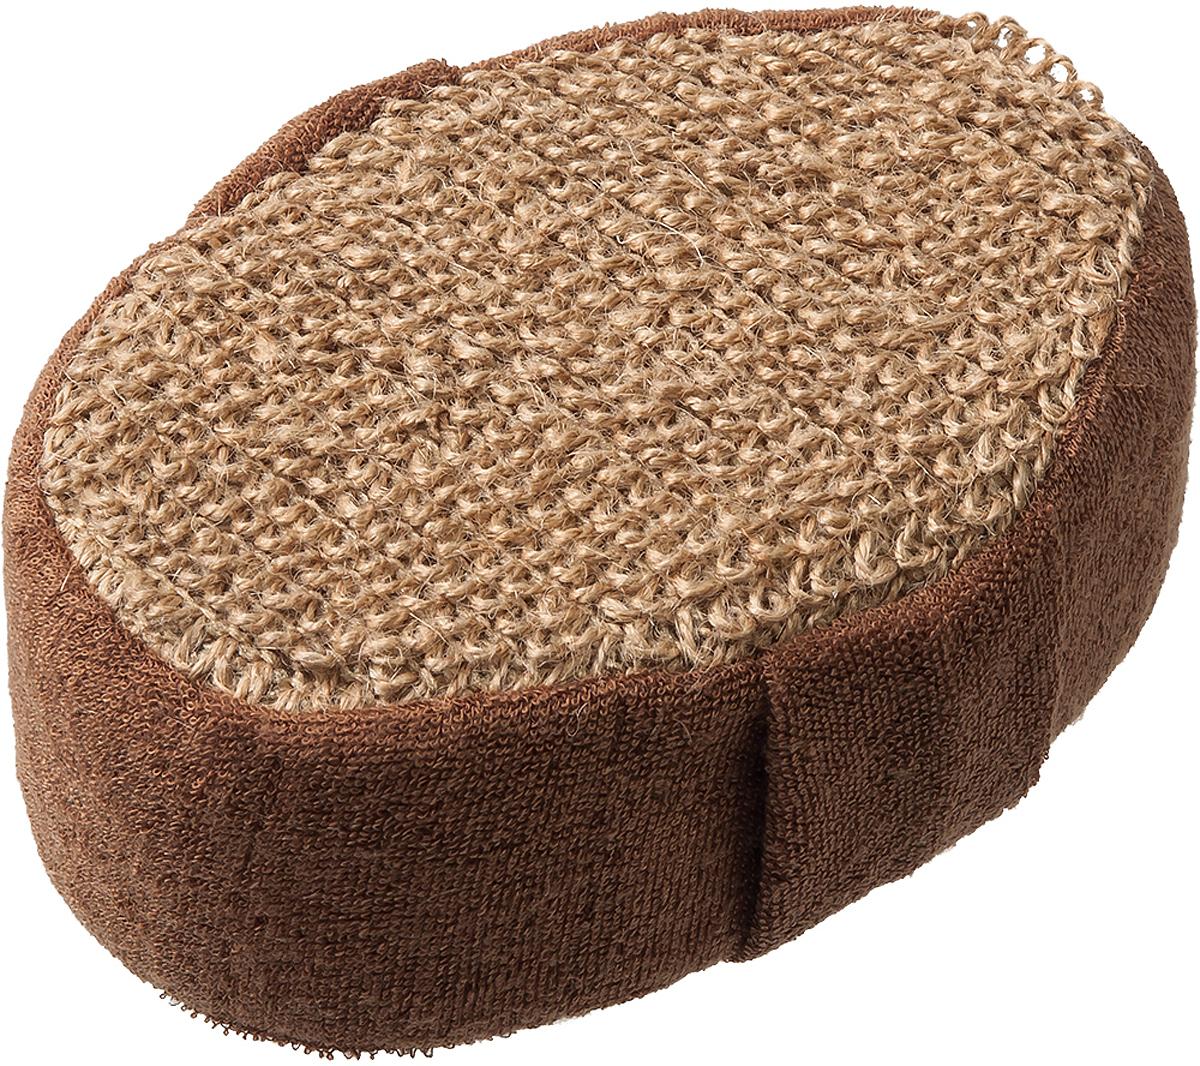 Мочалка Банные Штучки, 40360, коричневый, 10 х 15 х 5 см мочалка банные штучки 10 х 7 5 х 17 см